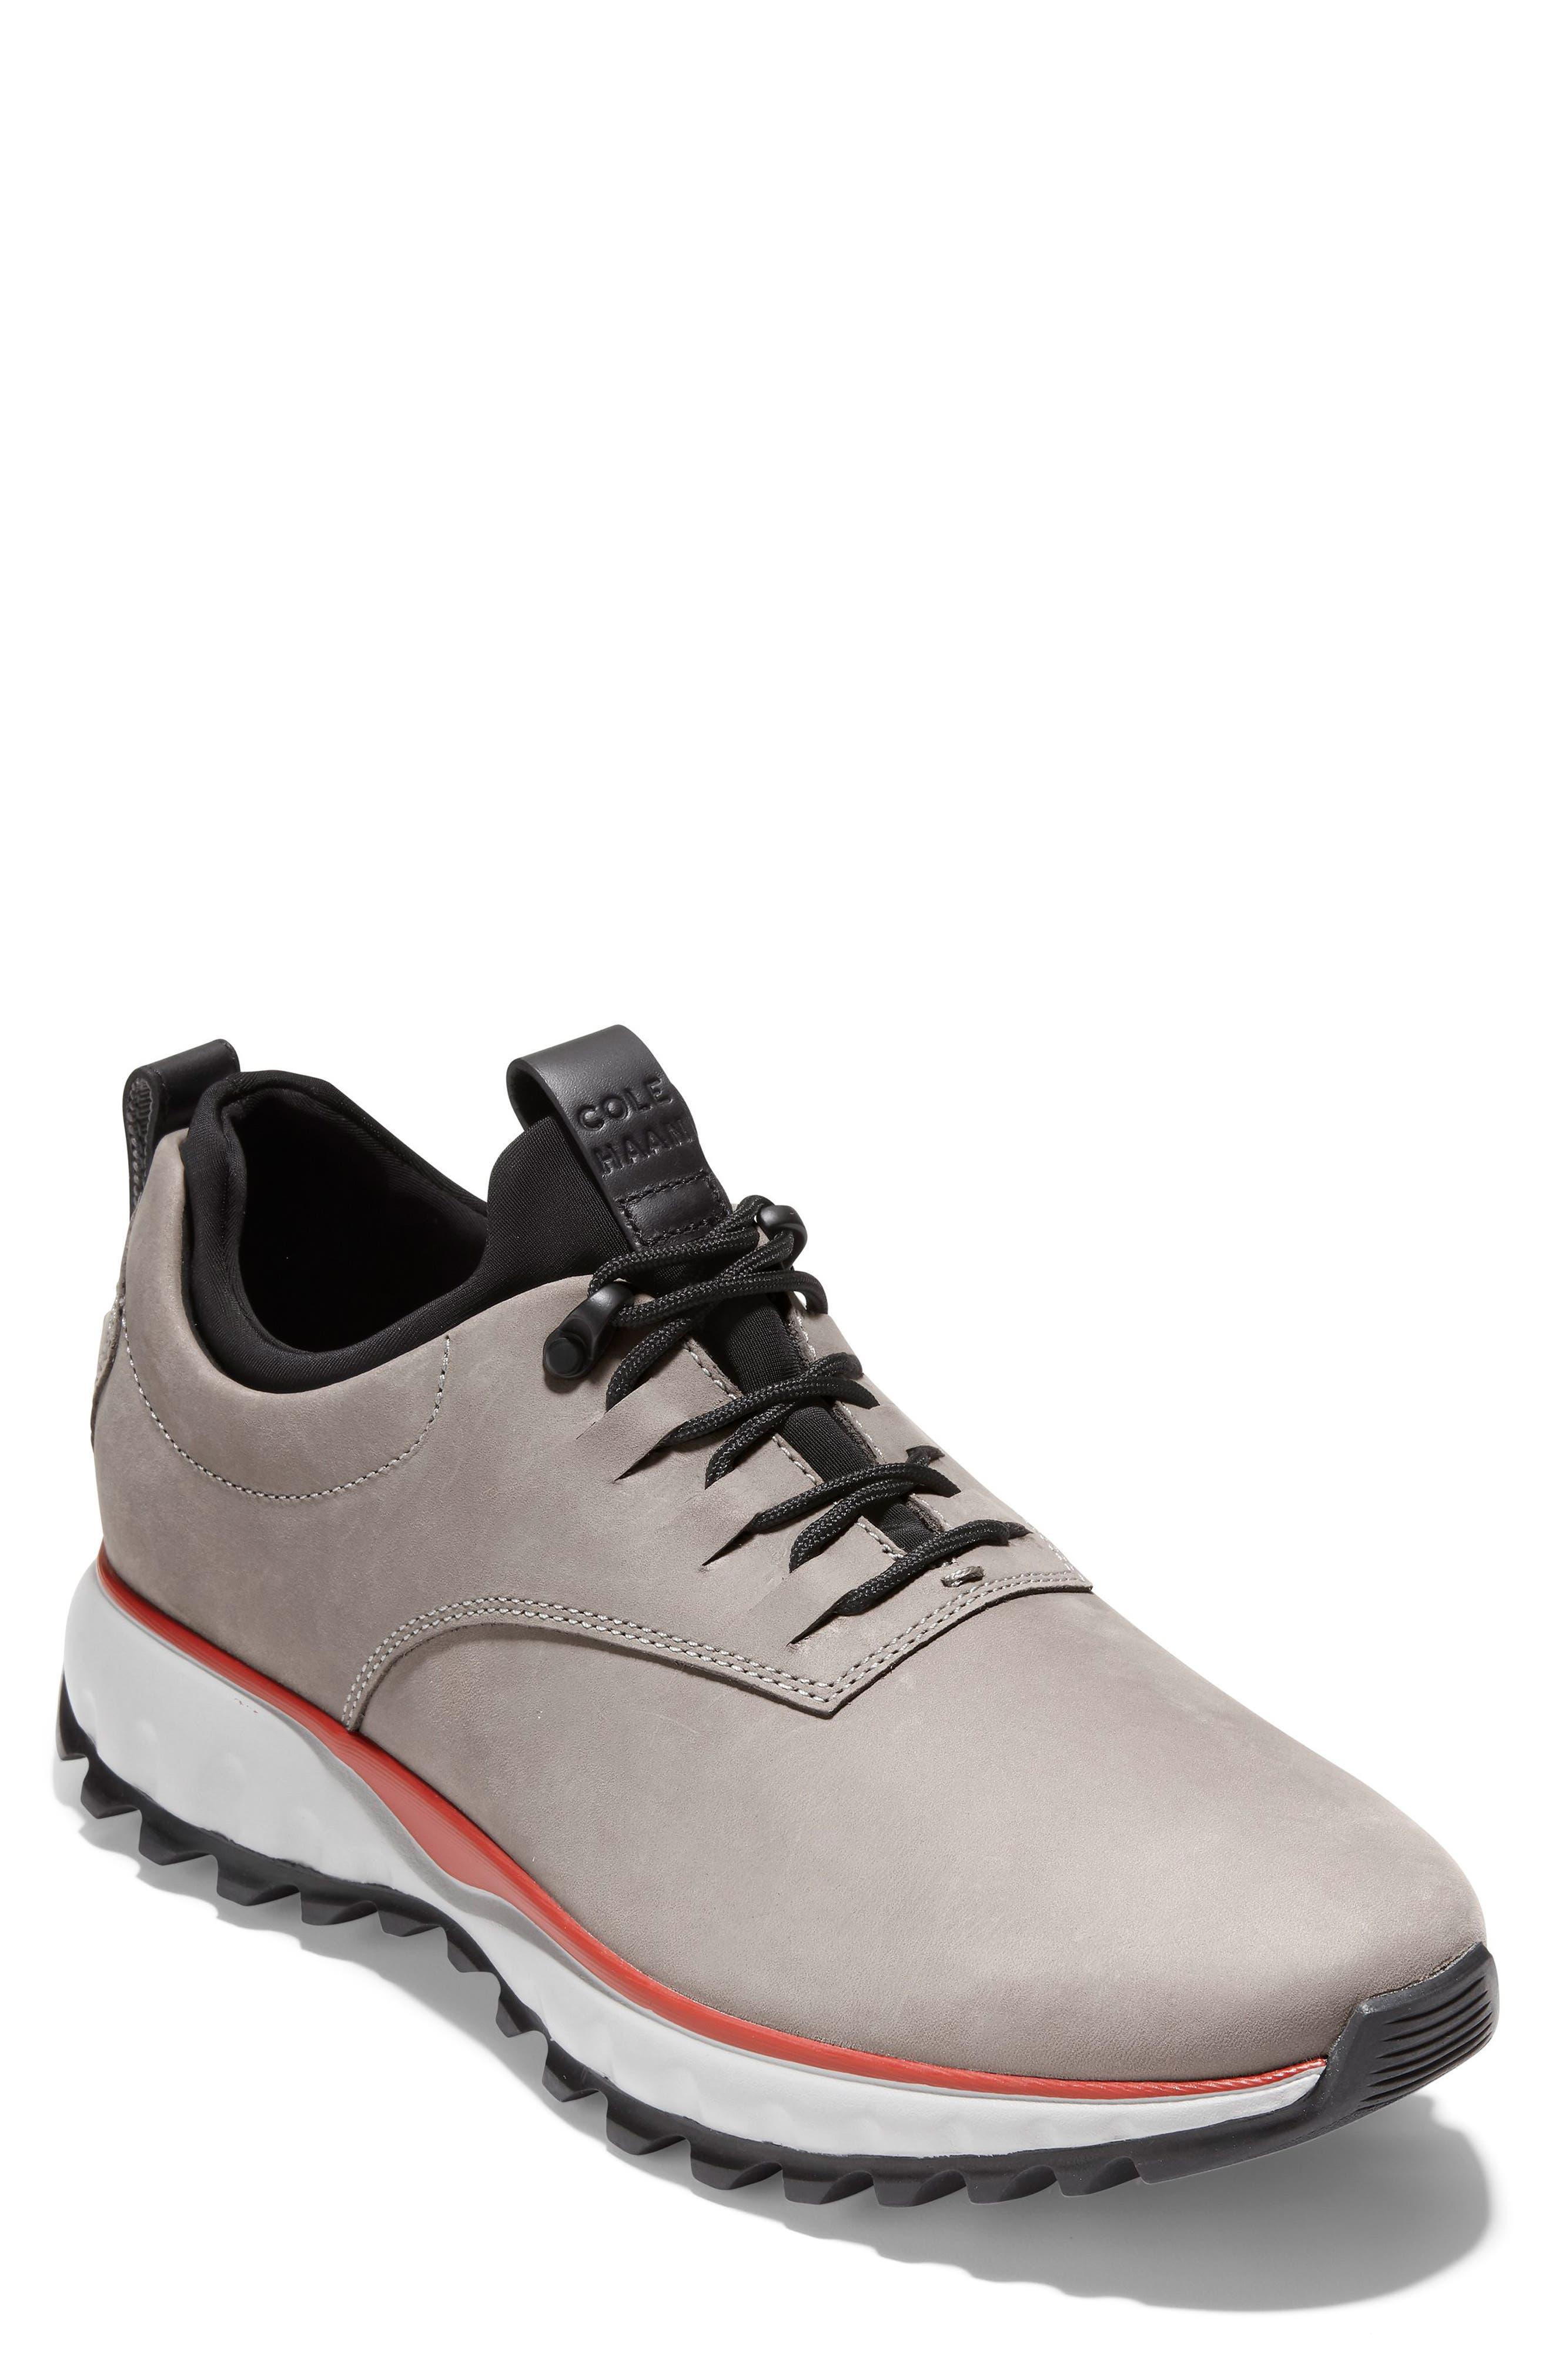 ZeroGrand Explore Sneaker,                         Main,                         color, 020